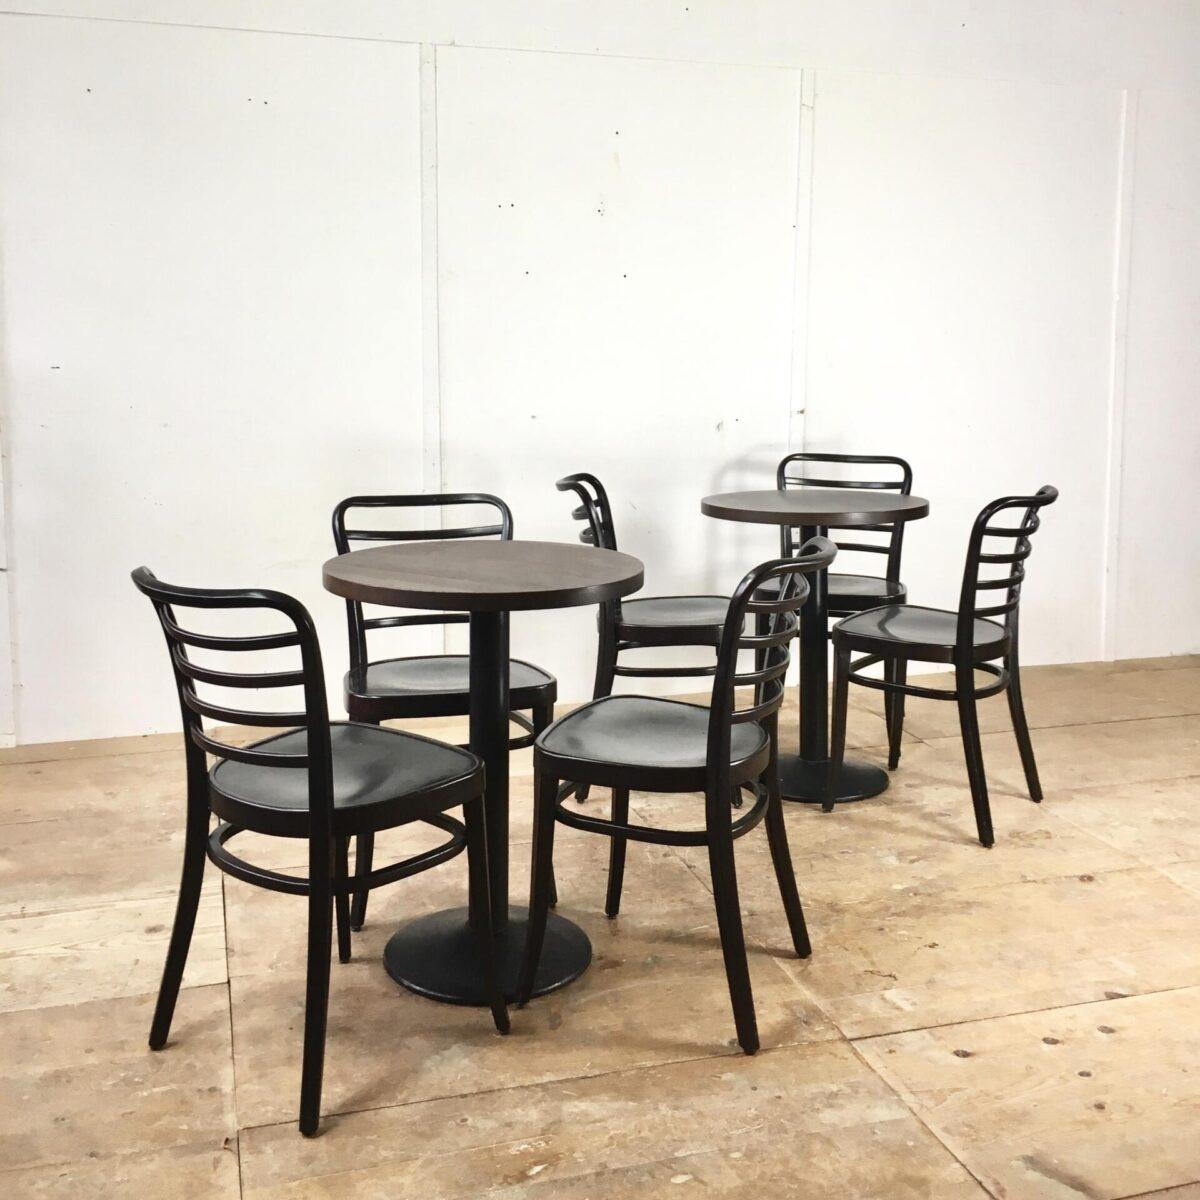 18 runde Restaurant Tische preis pro Tisch. Eiche massivholz gebeizt und lackiert. Cafe Tische mit standfesten schwarzen Gussfüssen.